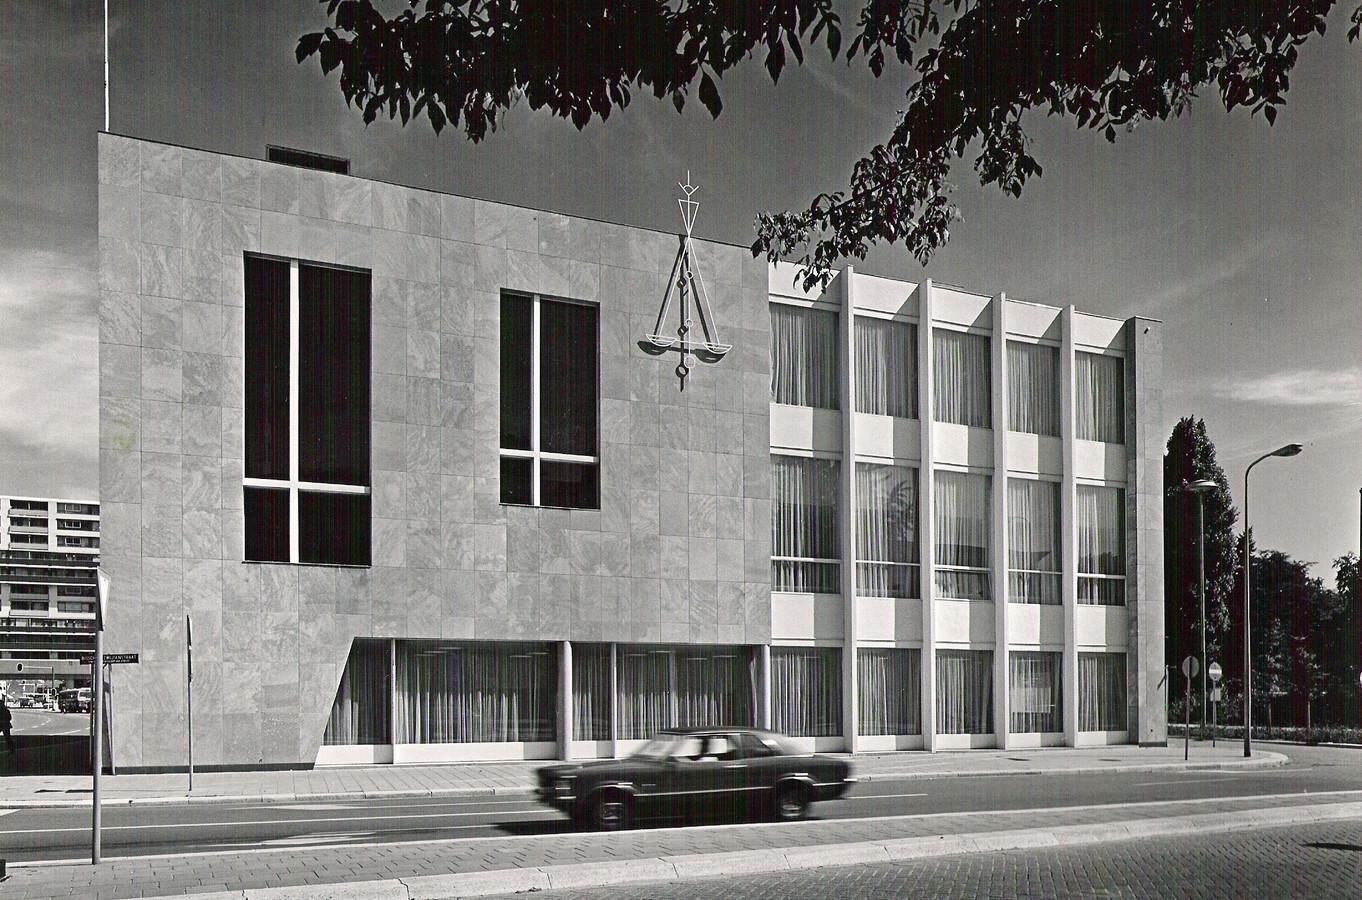 Voormalig rijksbouwmeester Jo Coenen gaf het gebouw - samen met twintig andere gebouwen in Nederland uit de wederopbouwtijd - de status van 'inspirerende bouwkunst'.